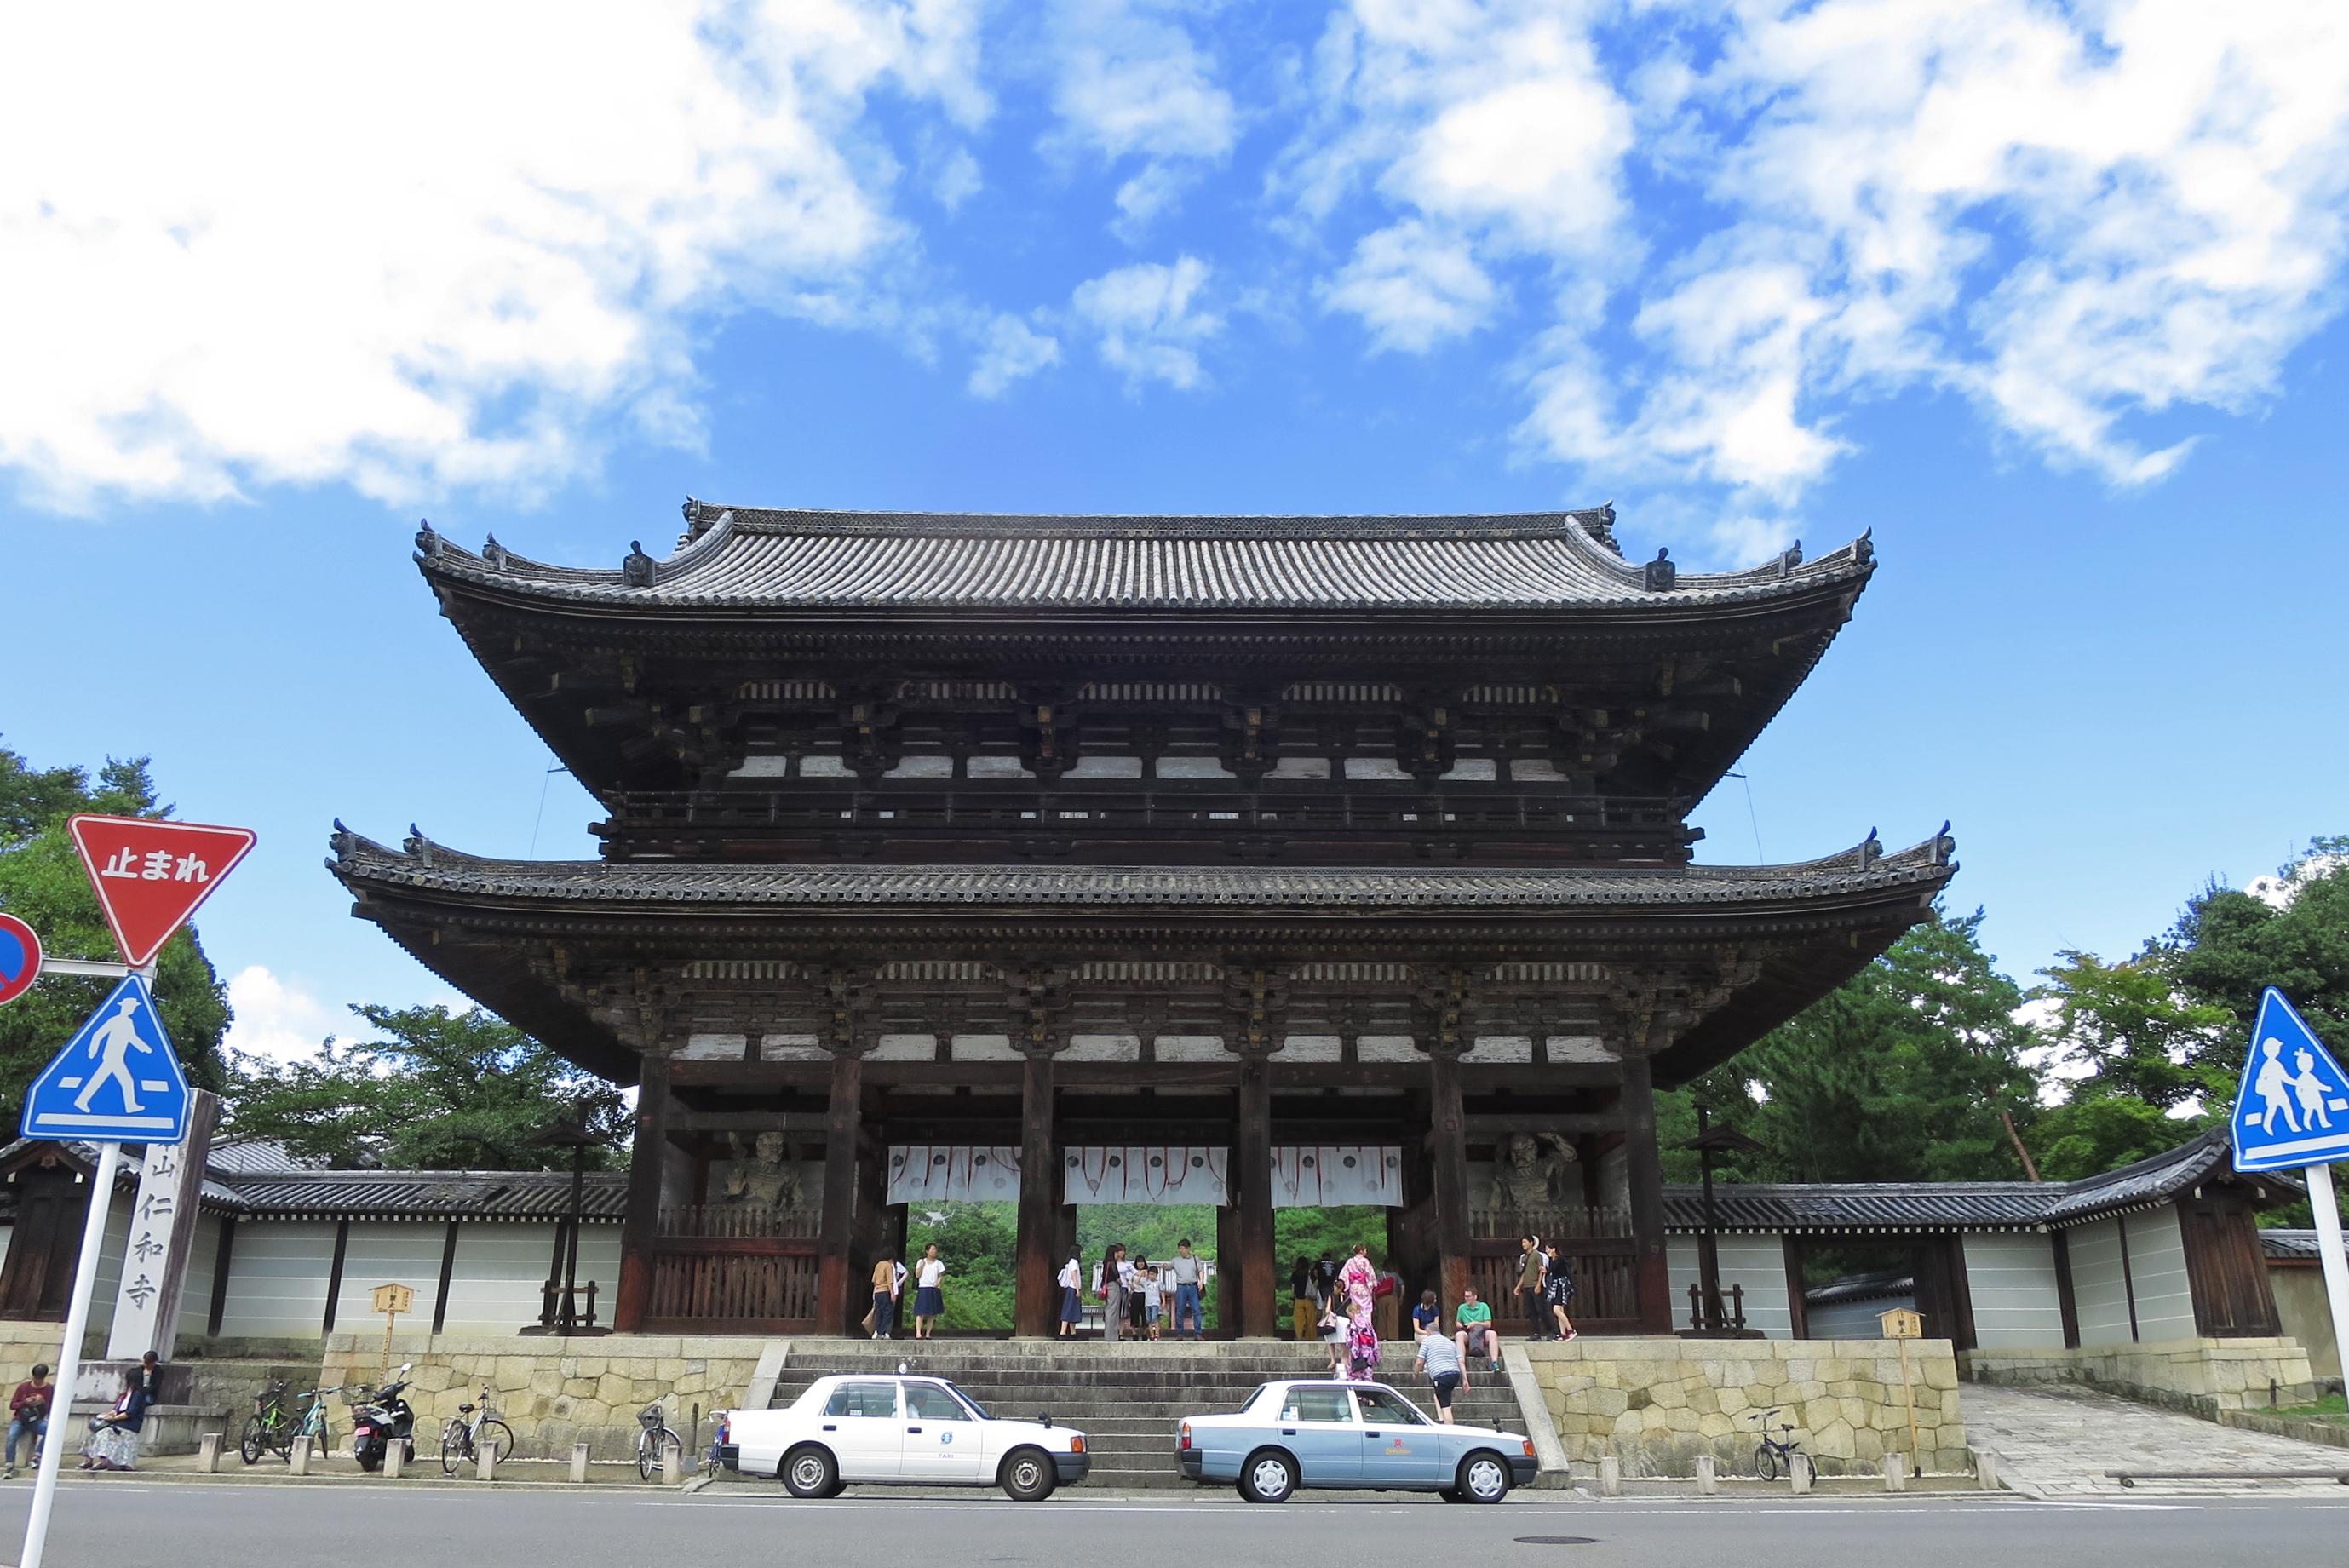 ここは仁和寺の二王門。大きな門ですね~。タクシーが小さく見えますね。